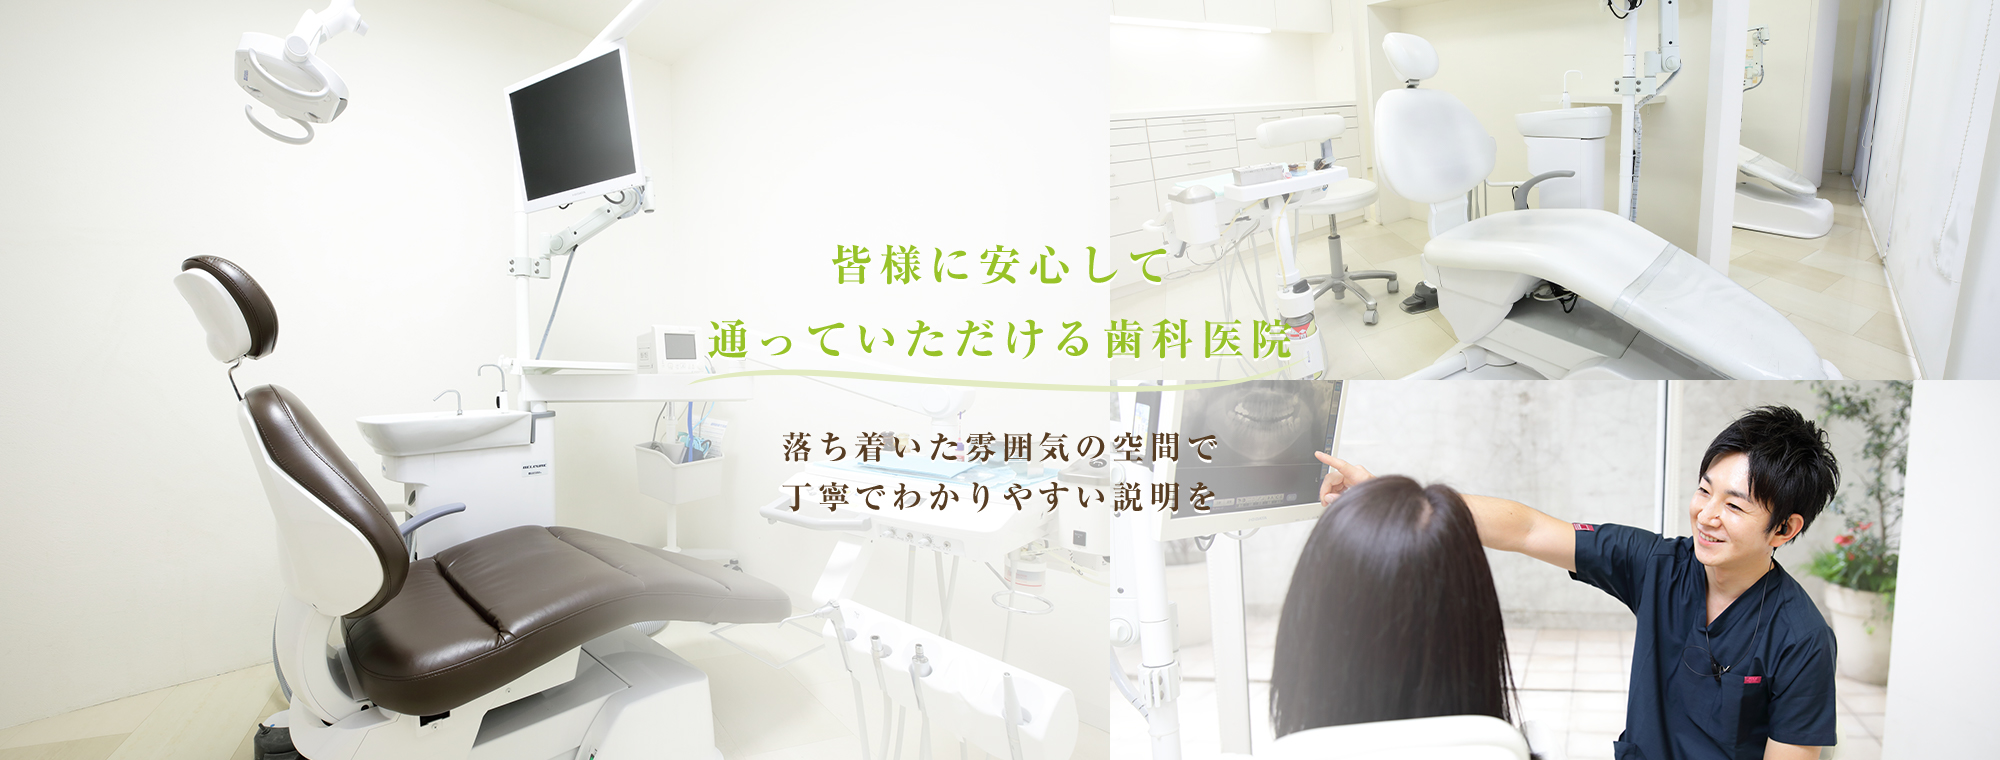 皆様に安心して通っていただける歯科医院